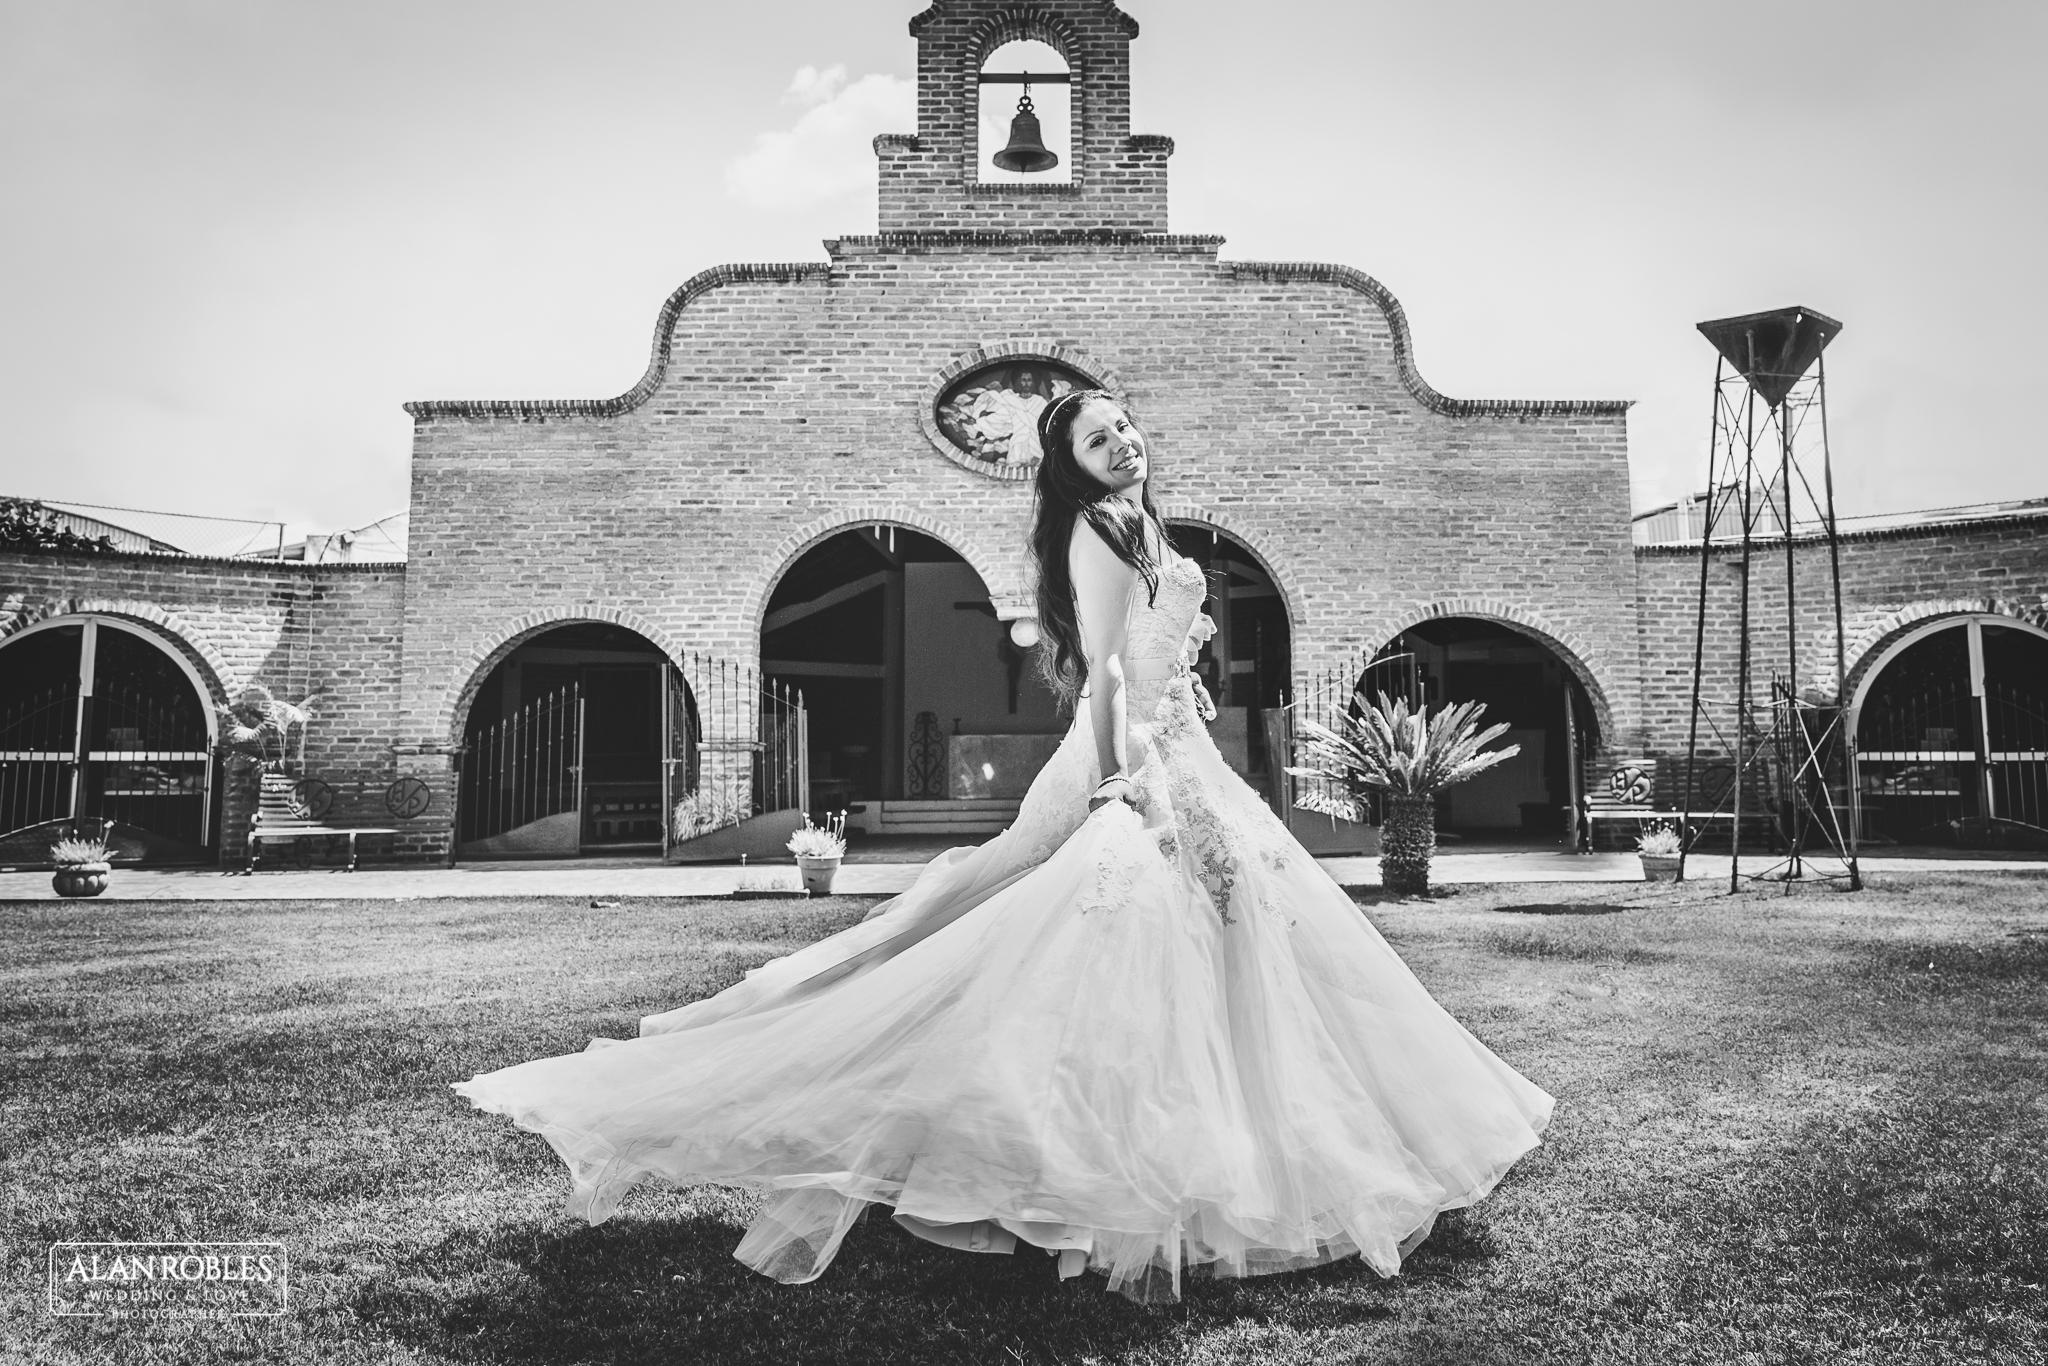 Novia Luciendo su vestido en movimiento en Hacienda Los Pozos. Fotografo de bodas Alan Robles.